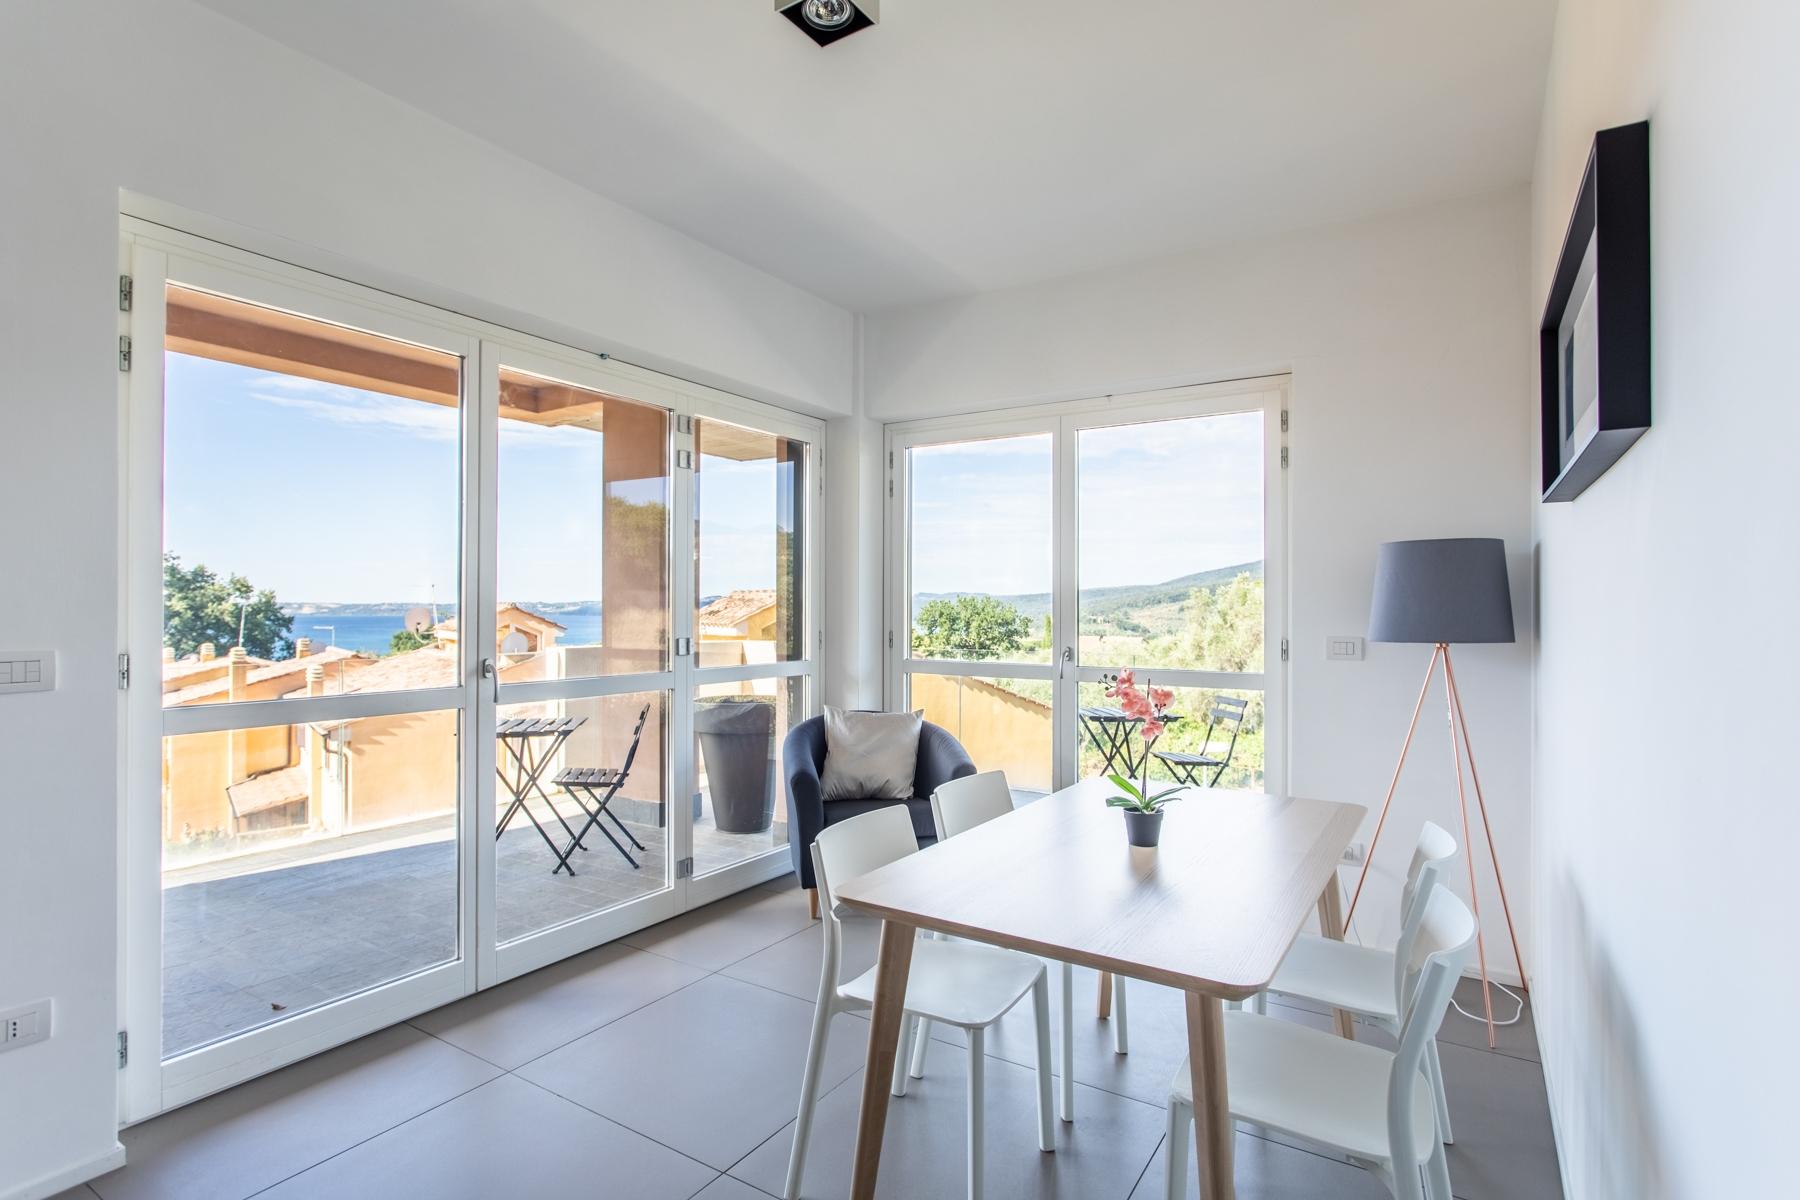 Appartamento in Vendita a Trevignano Romano: 4 locali, 100 mq